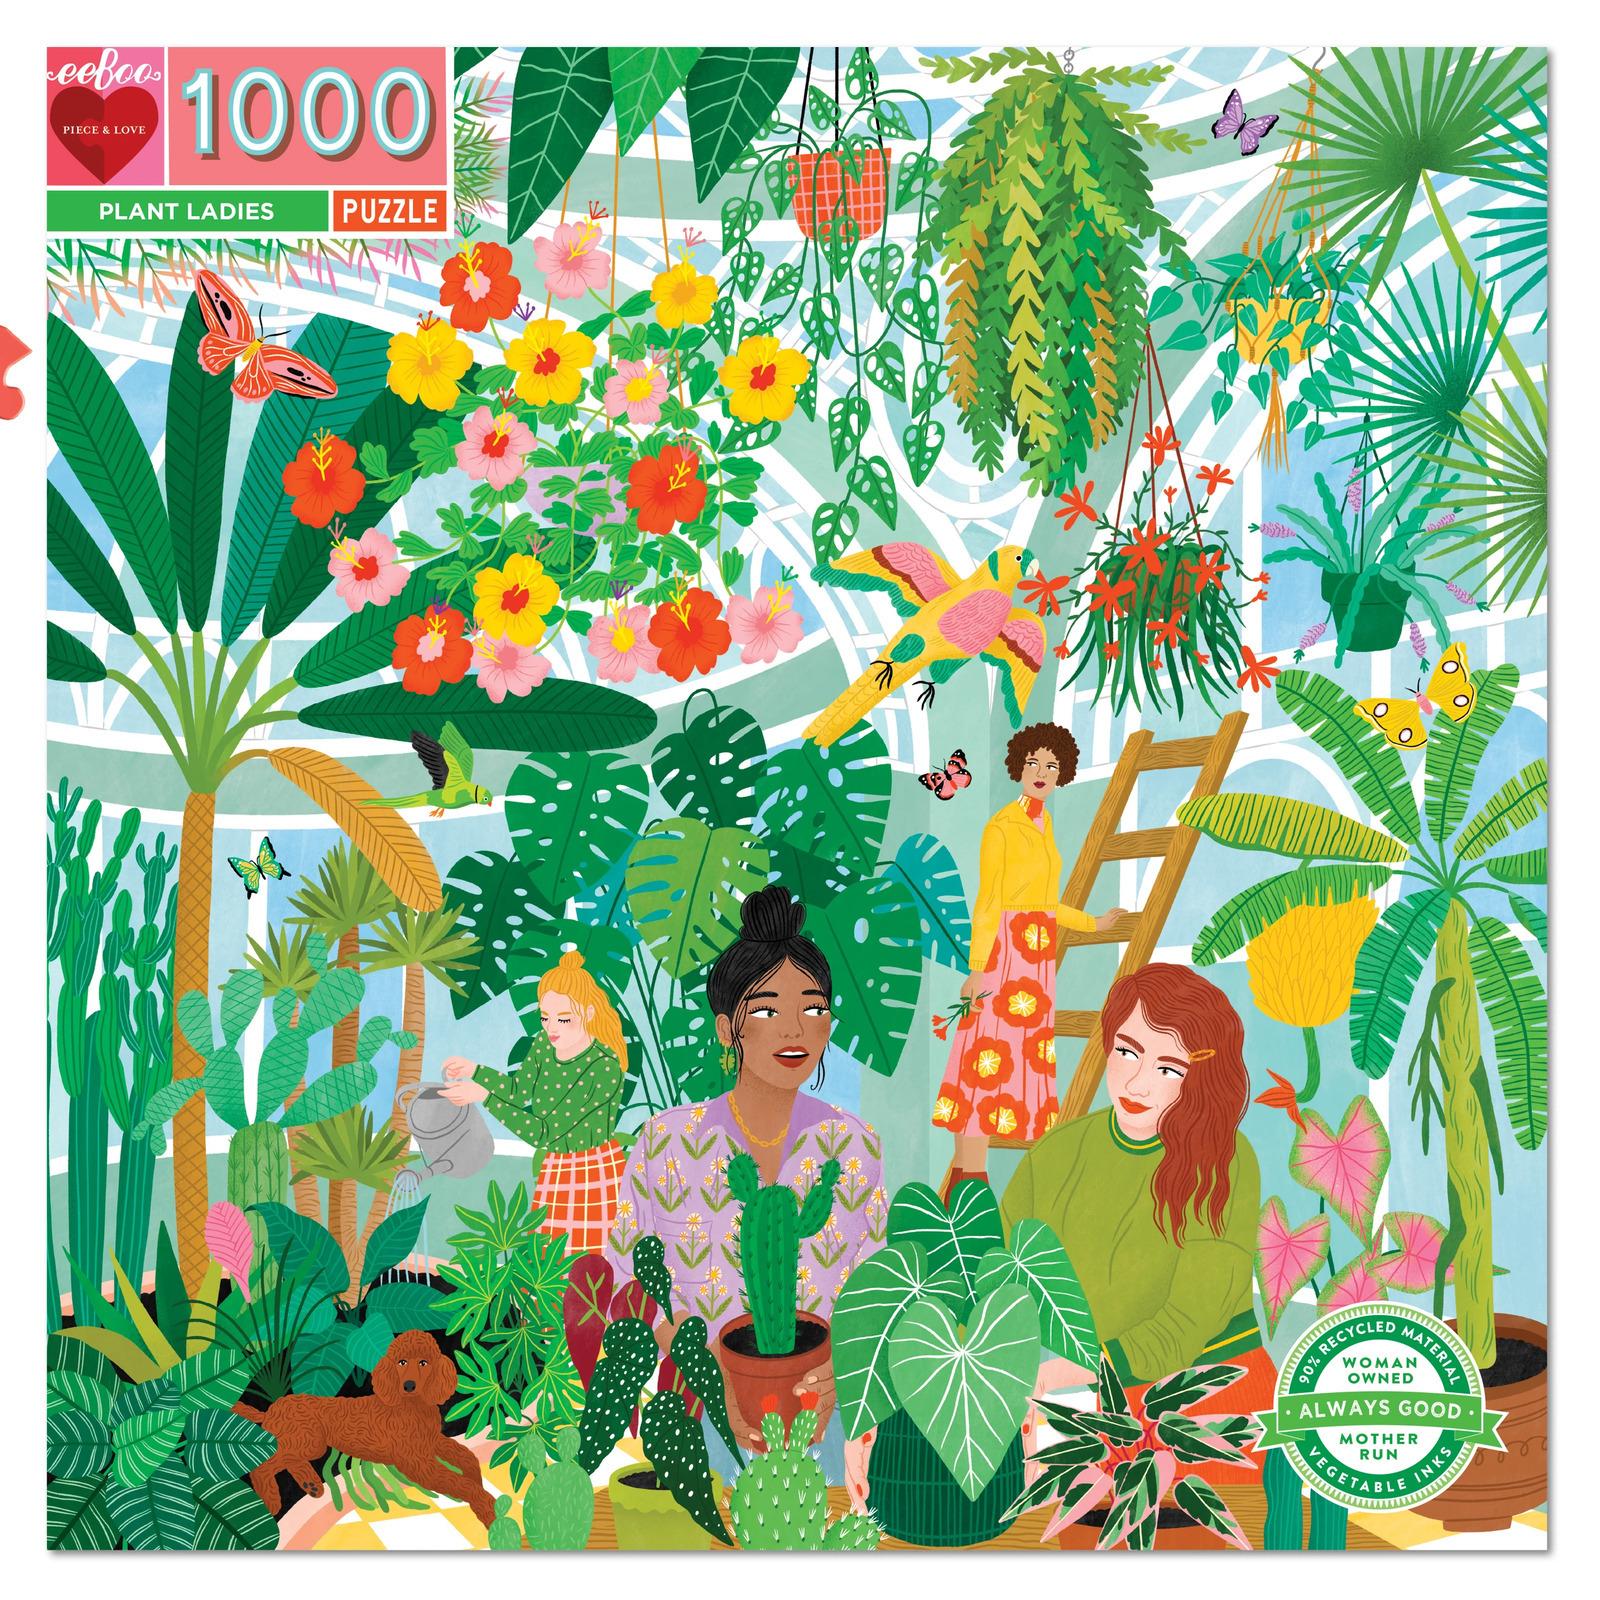 Puzzle Plant Ladies 1.000 piezas